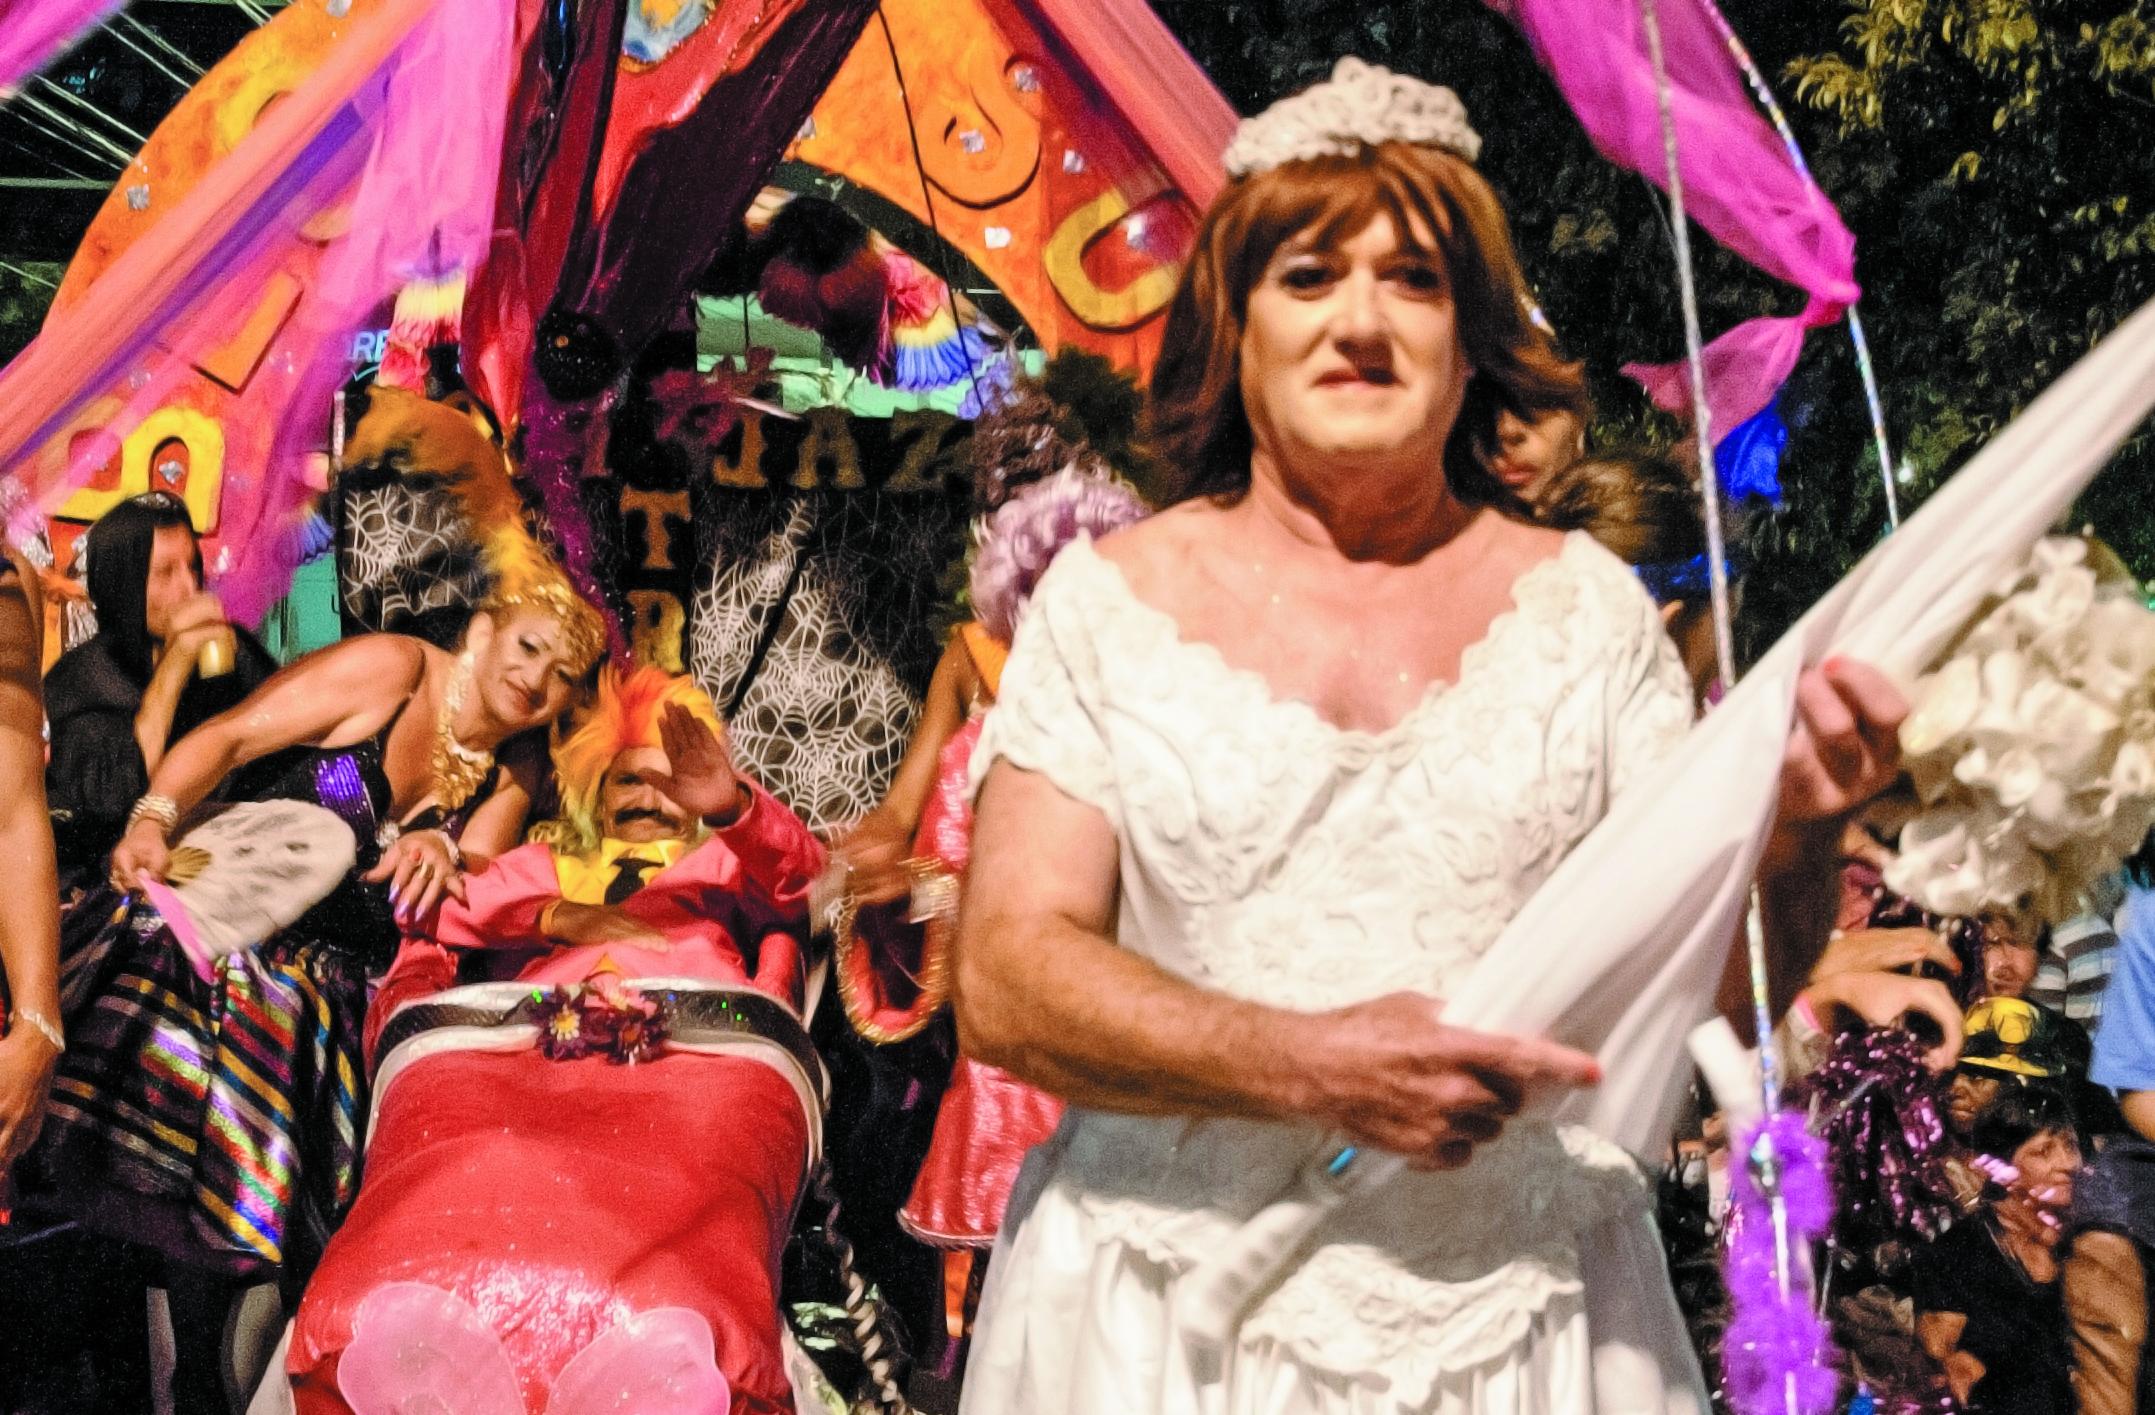 Enterro da Tristeza, com o bloco SOS, abre oficialmente nesta quinta-feira o Carnaval de Florianópolis - Eduardo Valente/Arquivo/ND